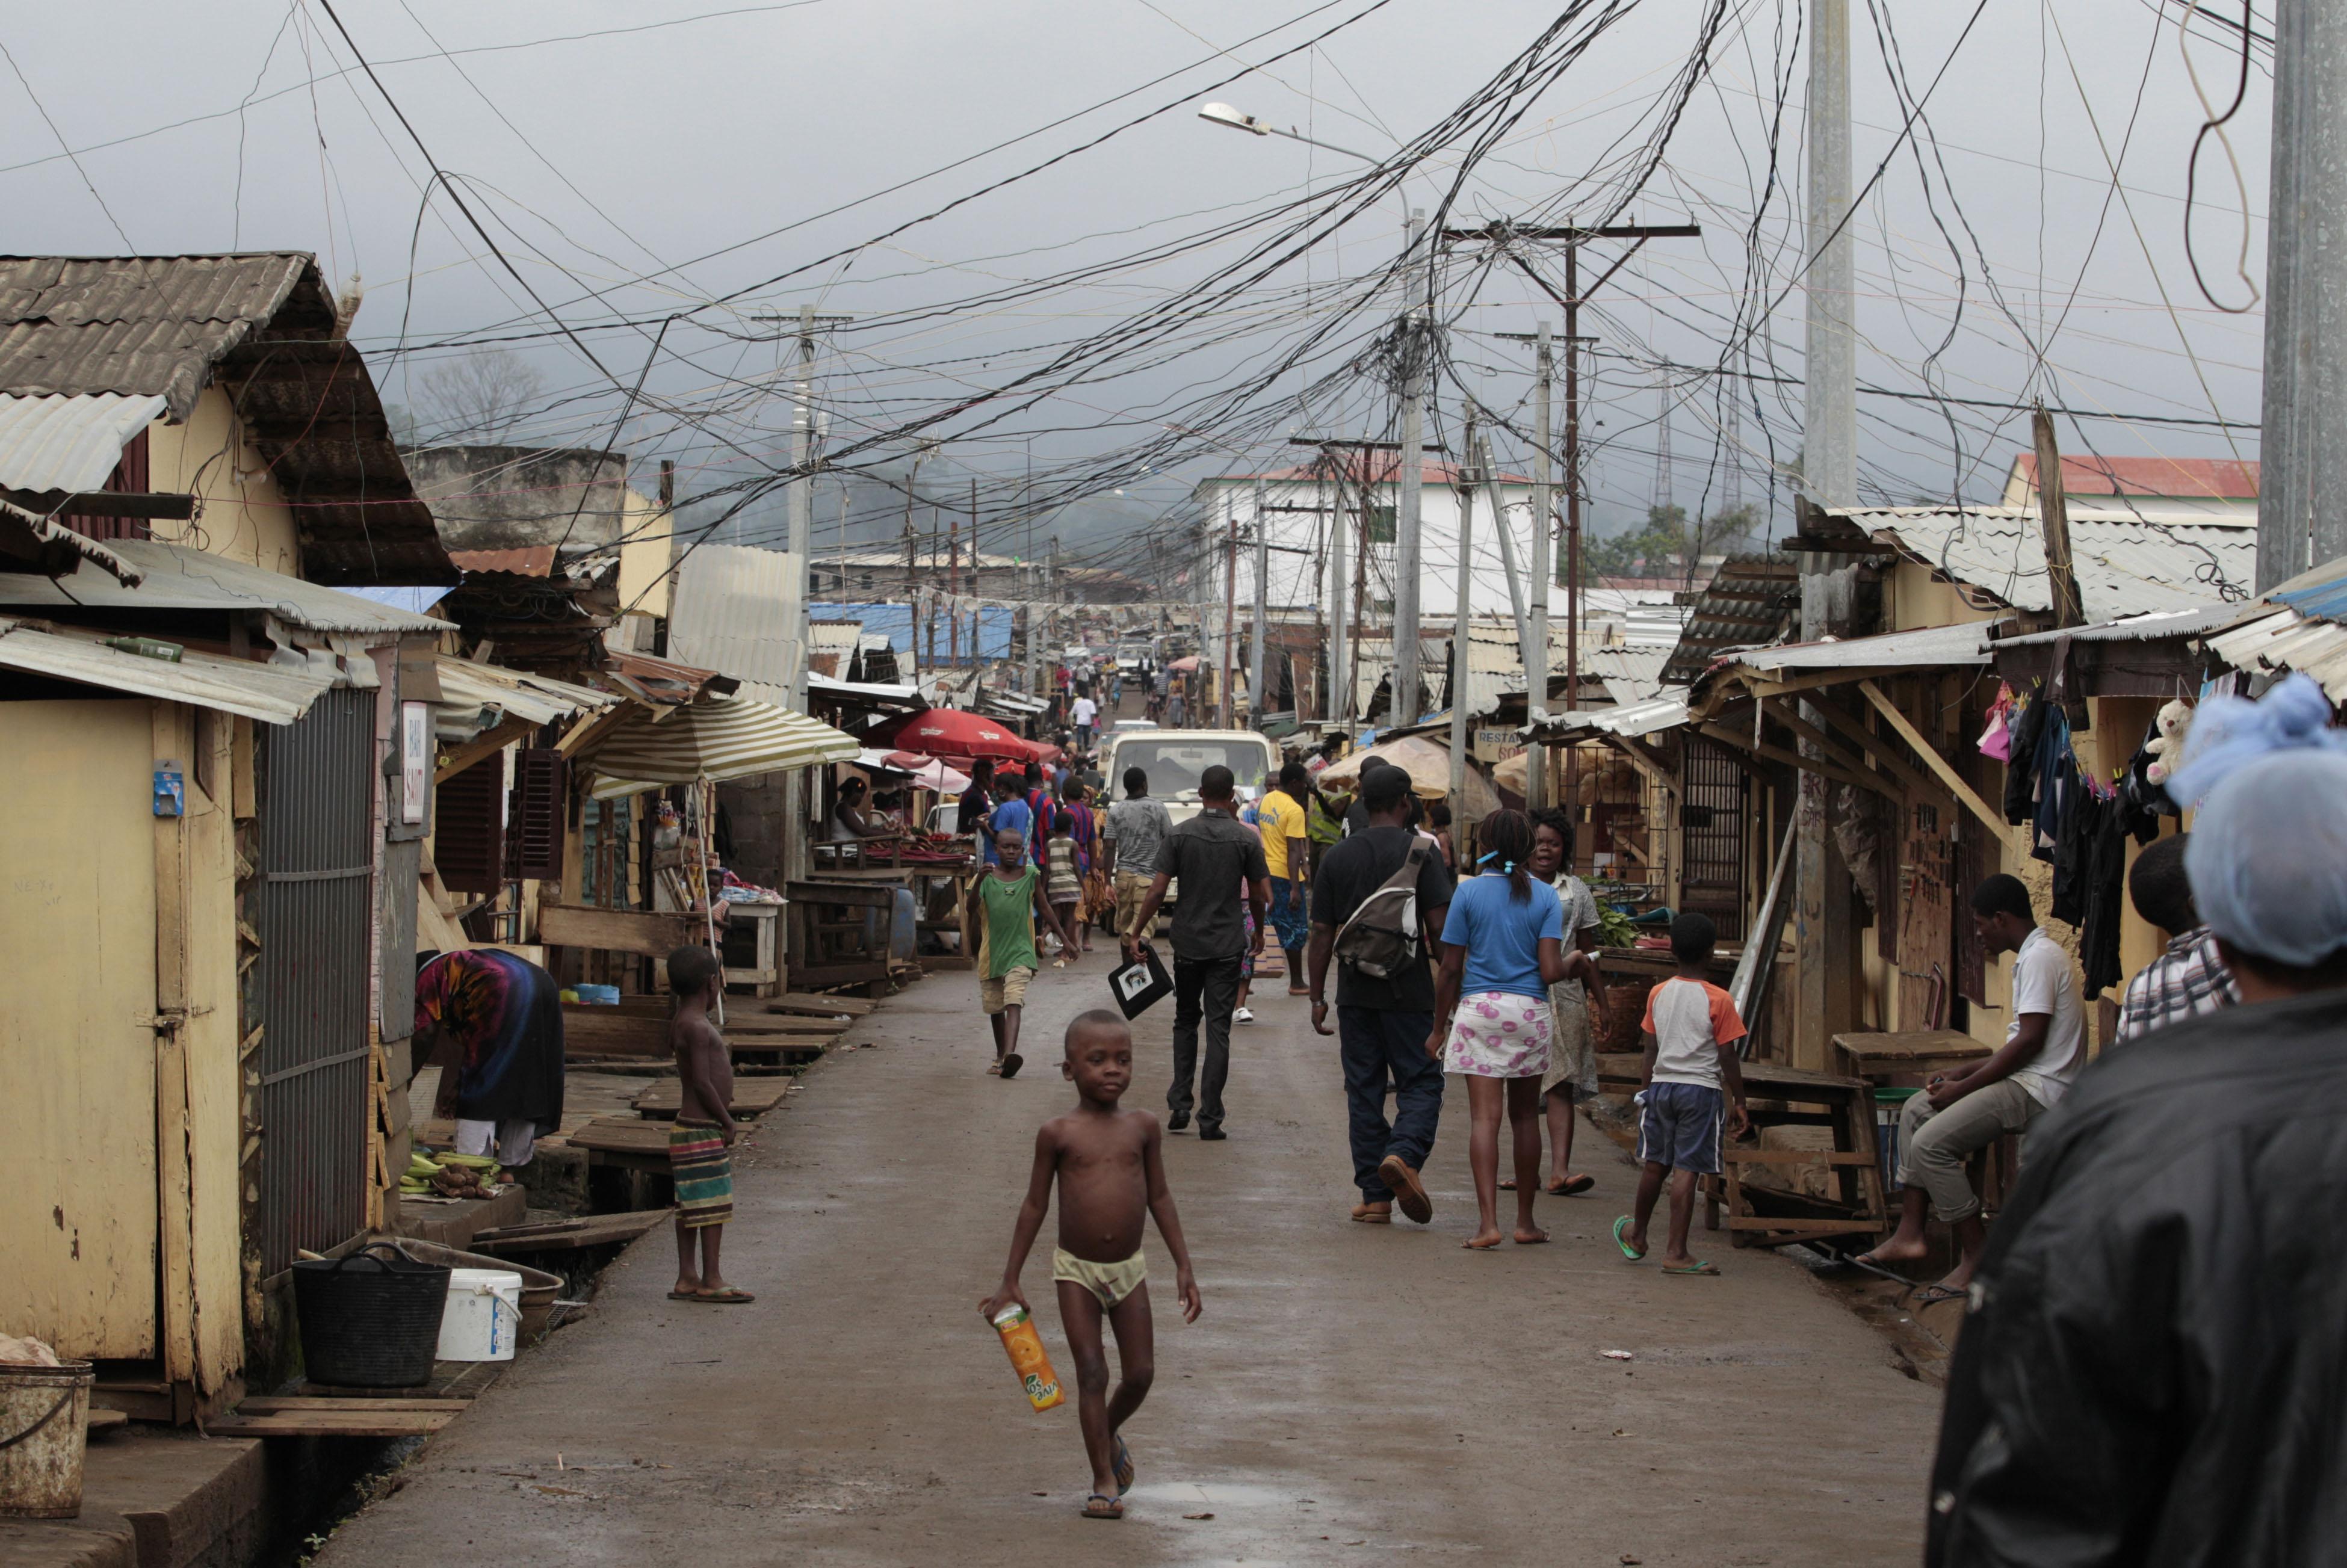 Un passo avanti per la Guinea Equatoriale - GEOPOLITICA.info